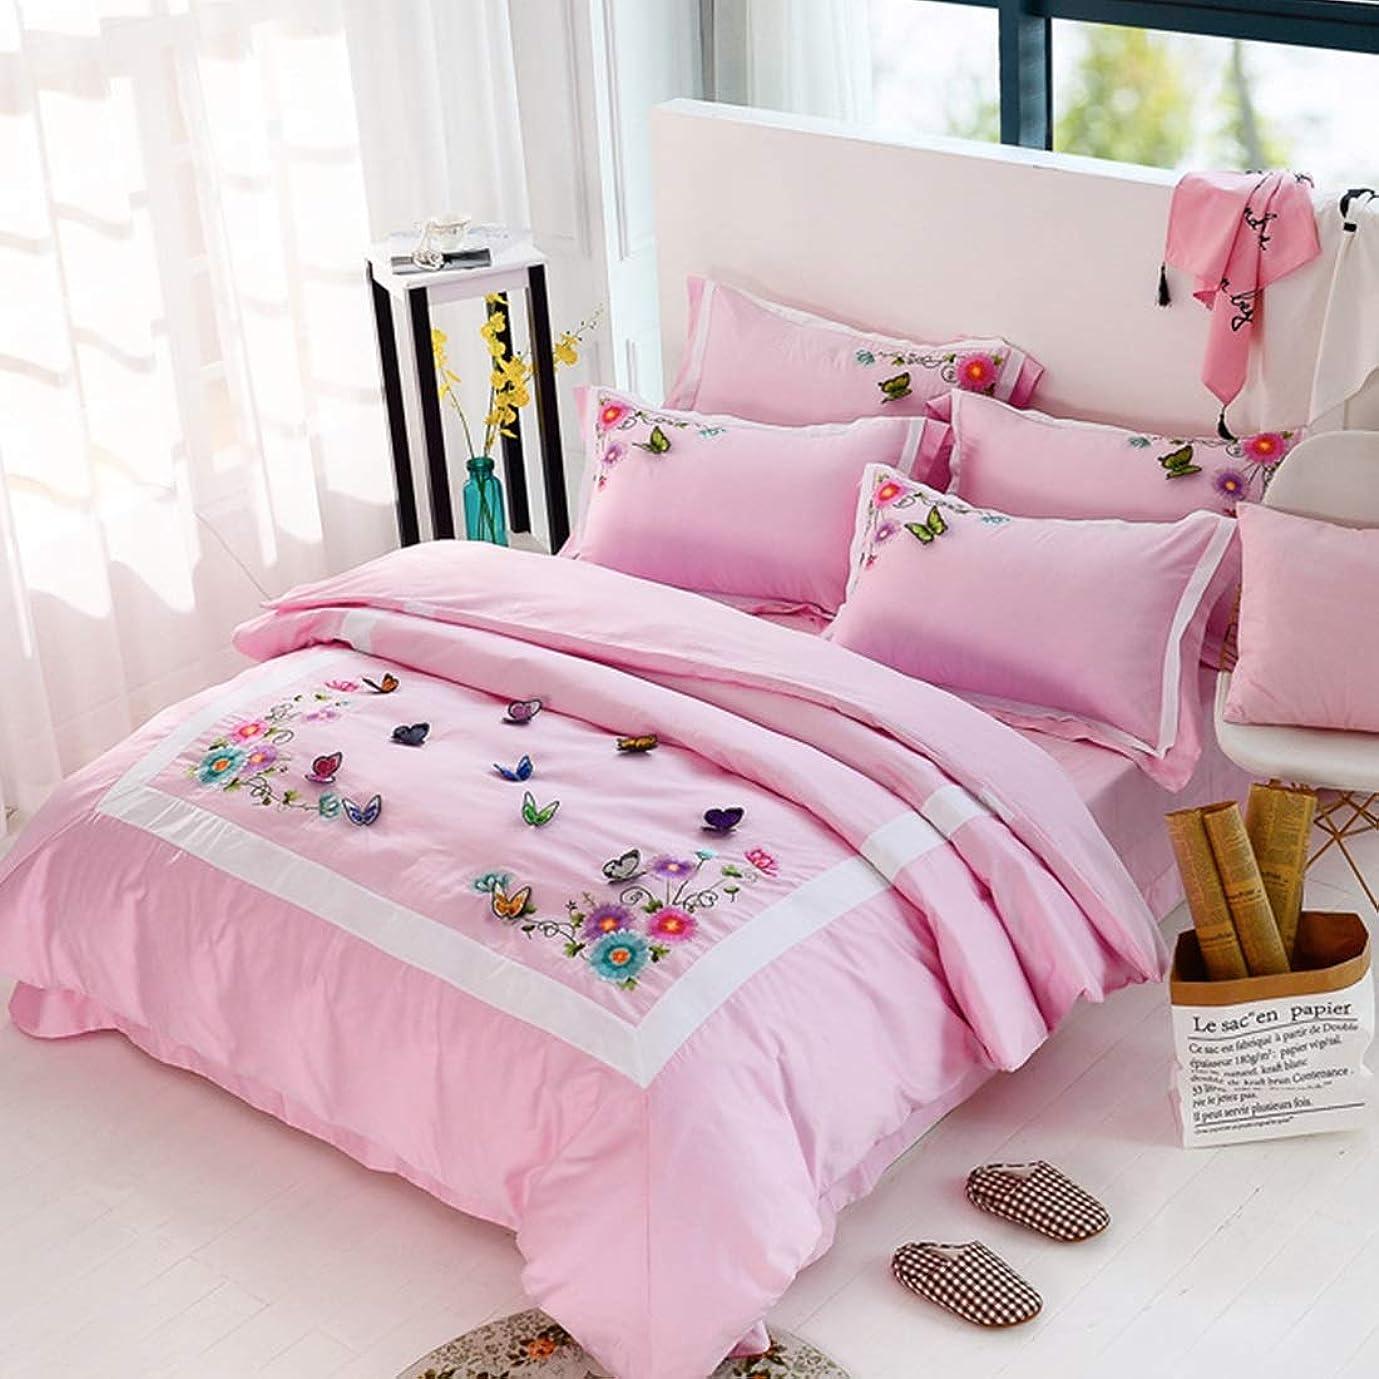 成功する定刻観光に行くFELICIAAA ロングフリースフルコットンバタフライ3次元刺繍の4ピース純粋な綿サテンの家庭用寝具。 (色 : ピンク, サイズ : 180-200CM)